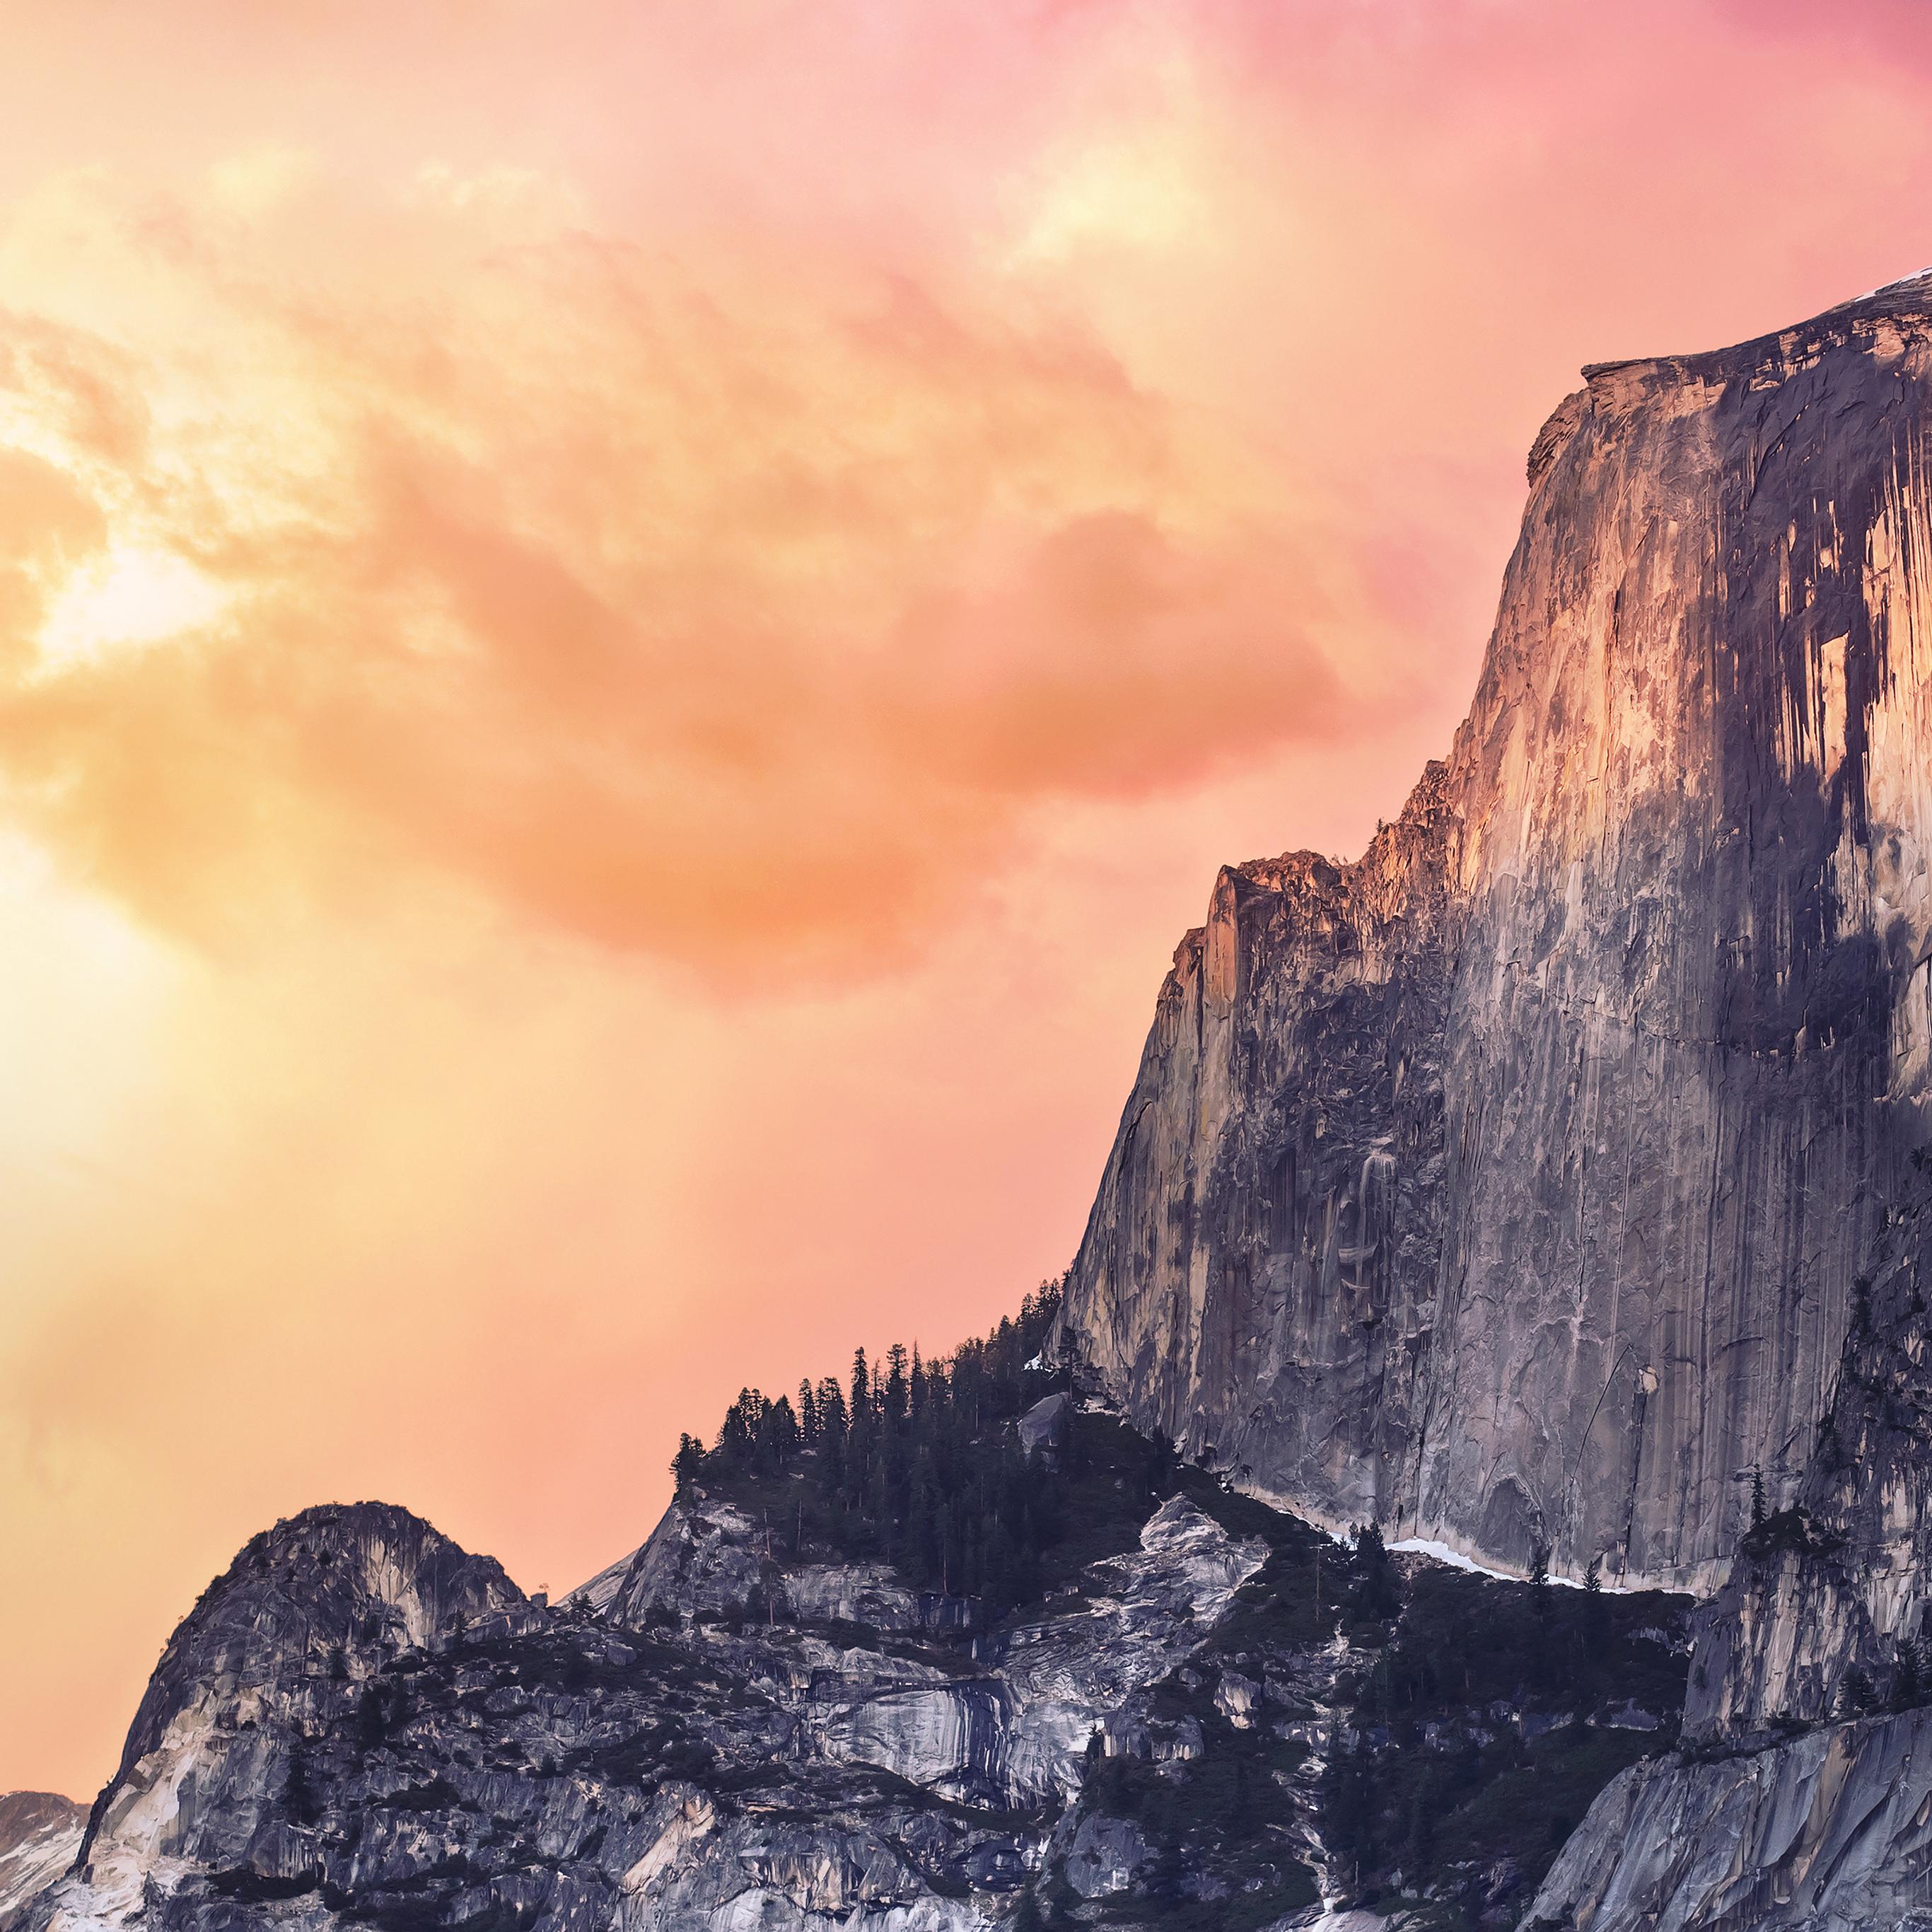 ae31-yosemite-red-sunset-mac-wallpaper-os-x-wallpaper